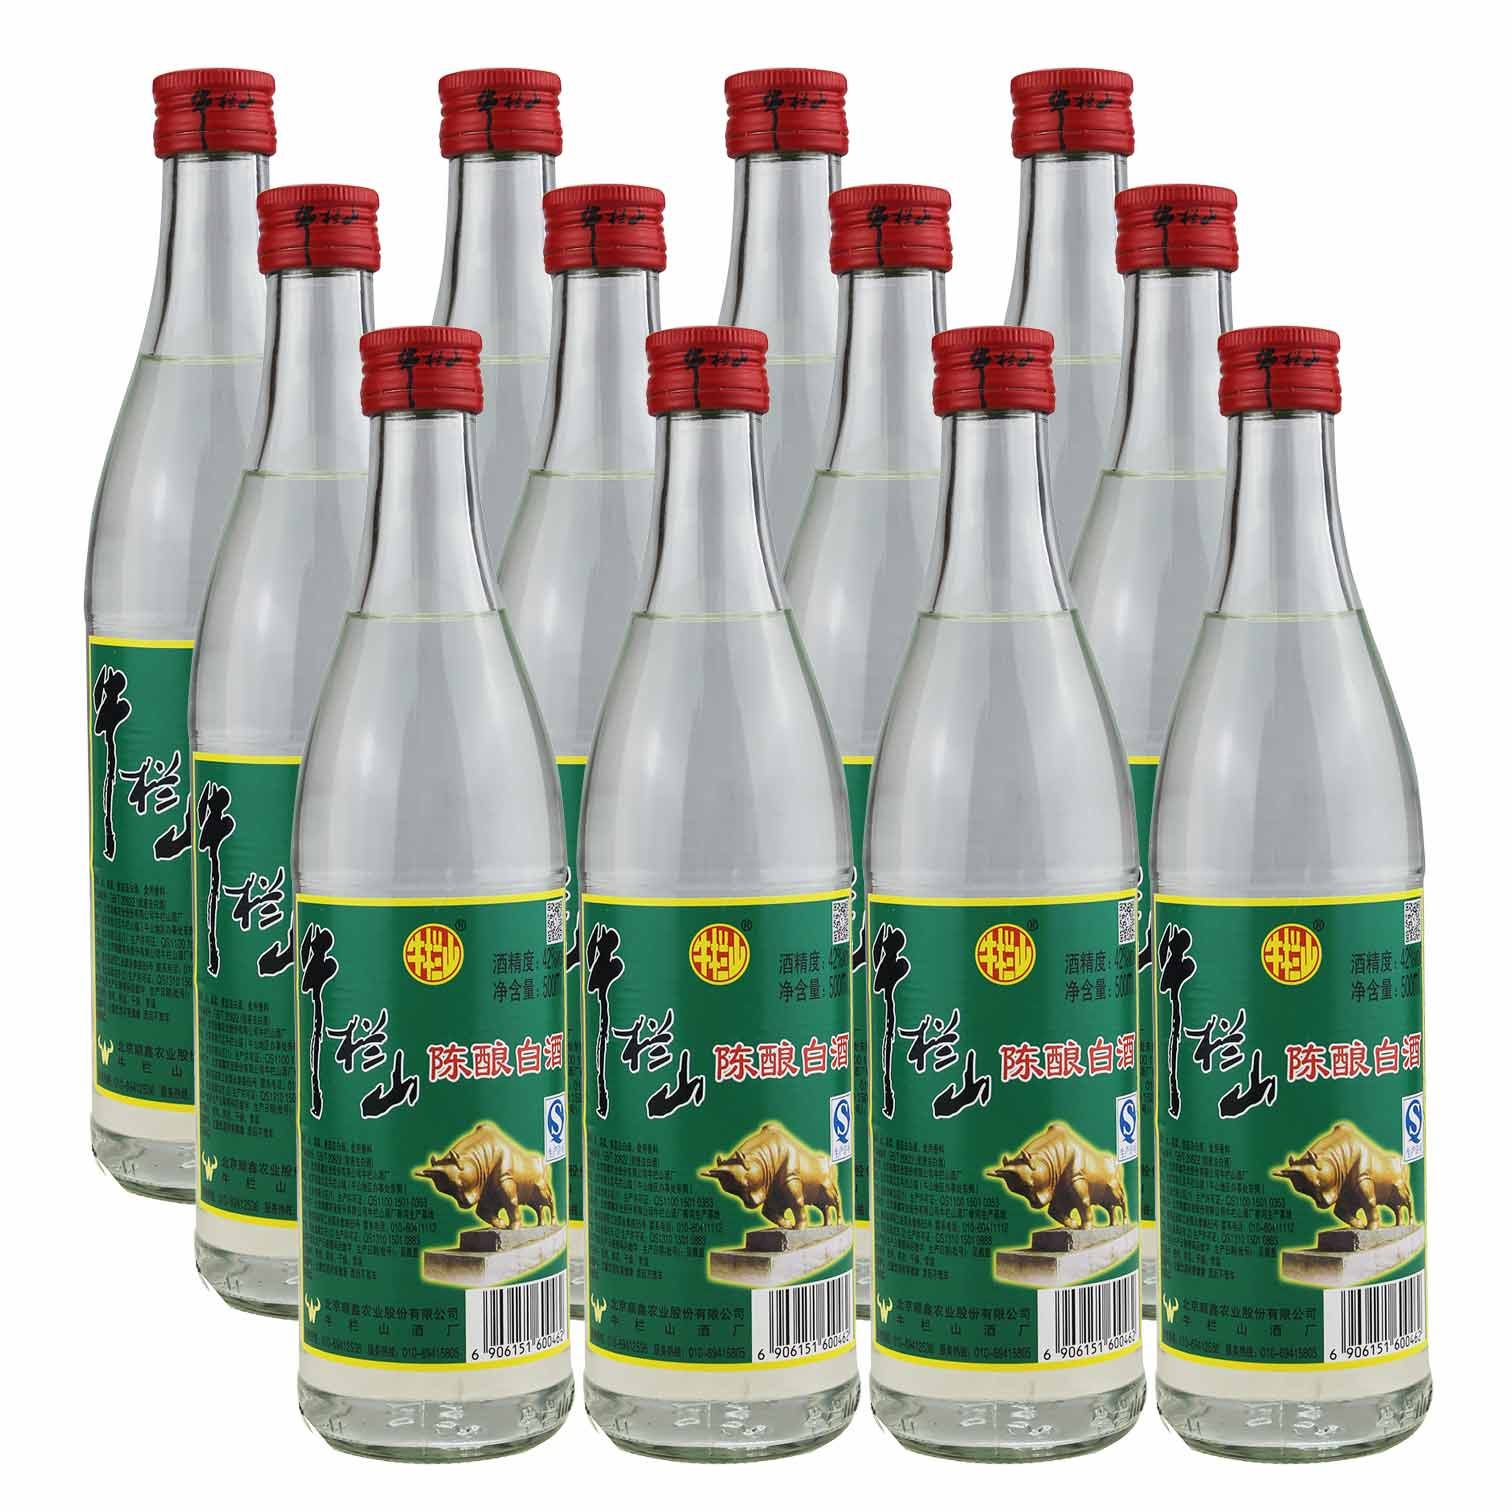 【618共享盛典】42°牛栏山陈酿500ml(12瓶装)